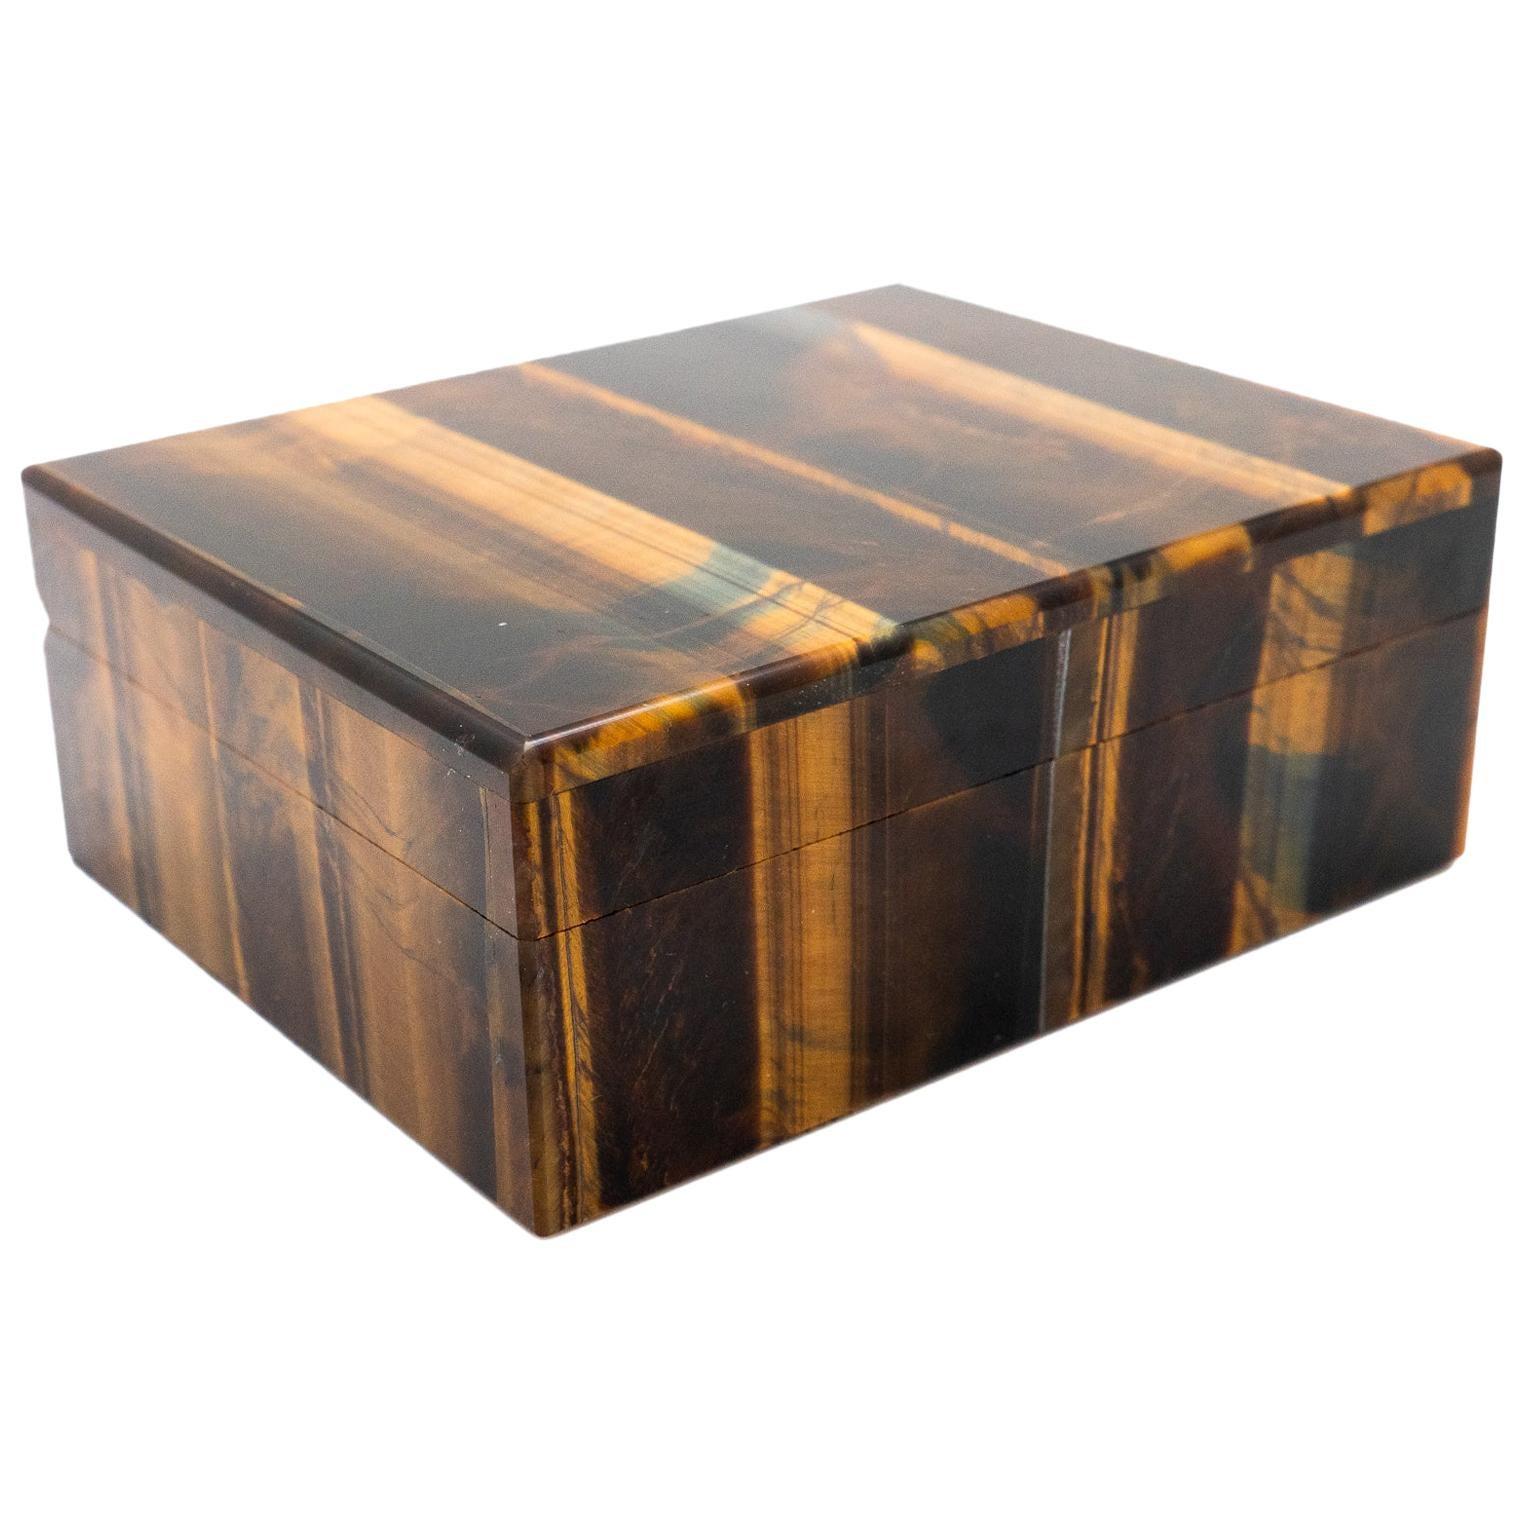 Tiger's Eye Semi-Precious Stone Box